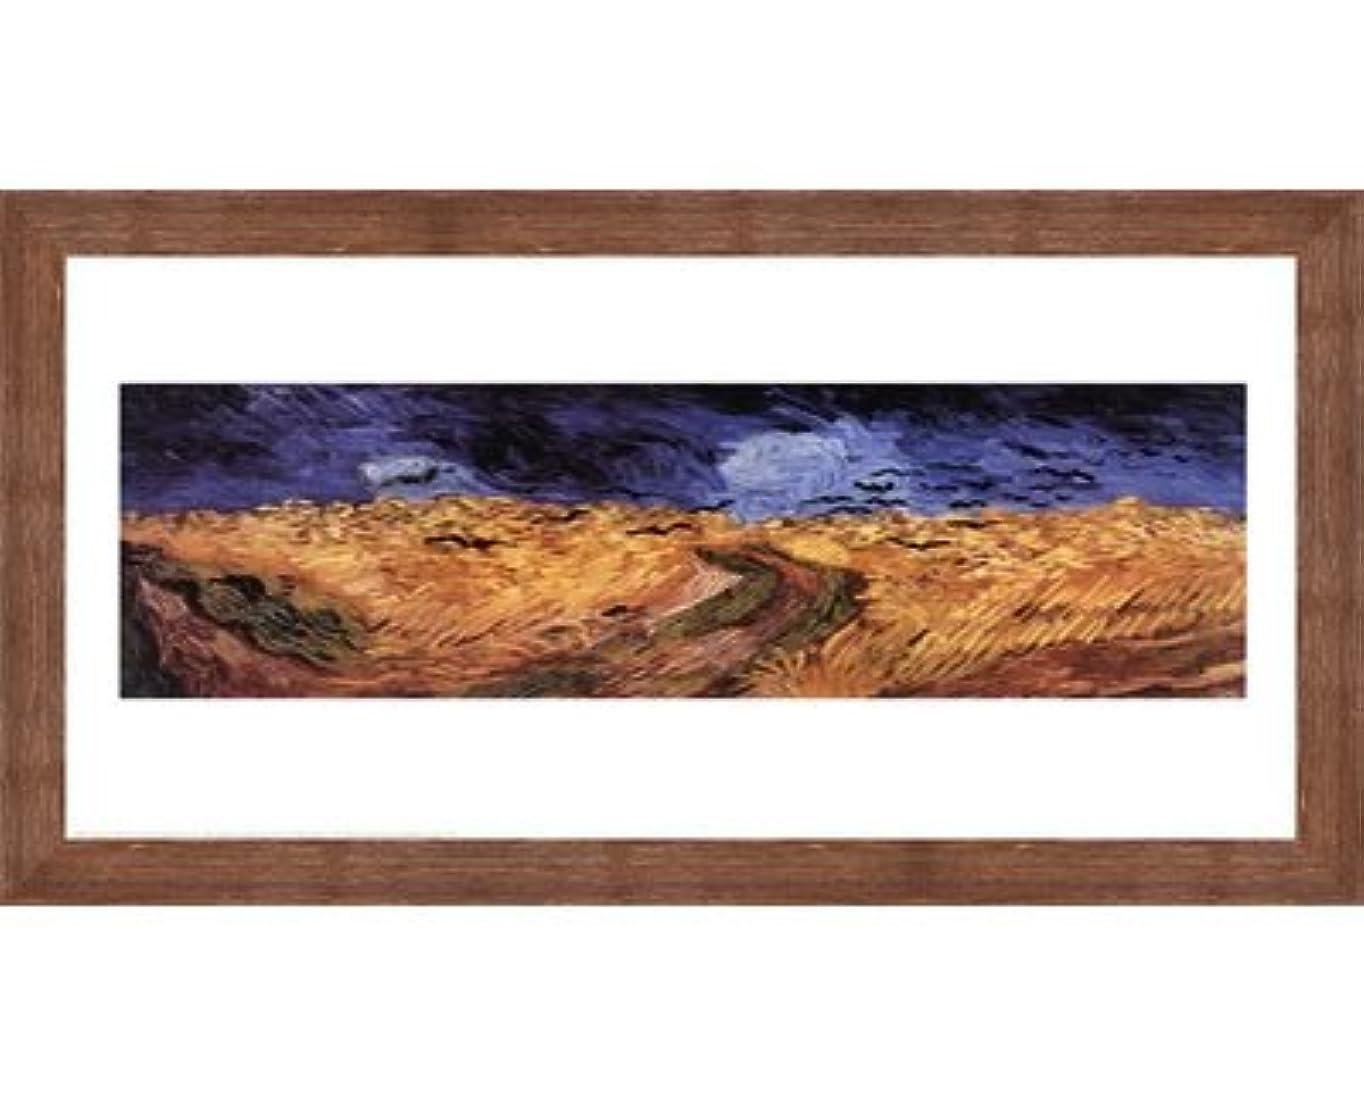 持続的旅行半導体Wheatfield with Crows、c.1890 Vincent van Gogh – 30 x 24インチ – アートプリントポスター LE_25136-F10570-30x24